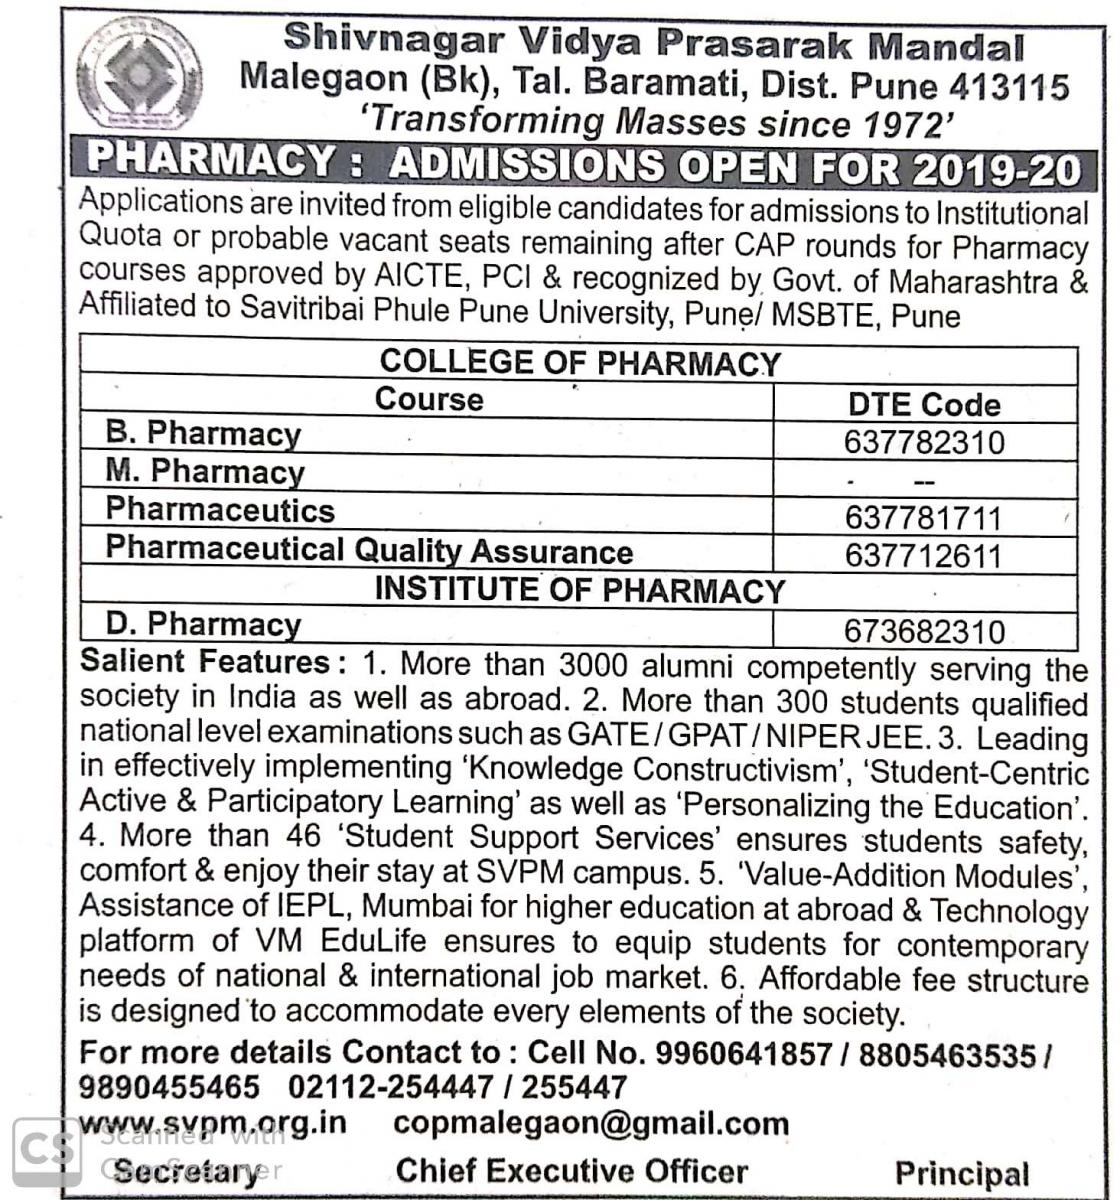 College of Pharmacy, Malegaon (Bk)